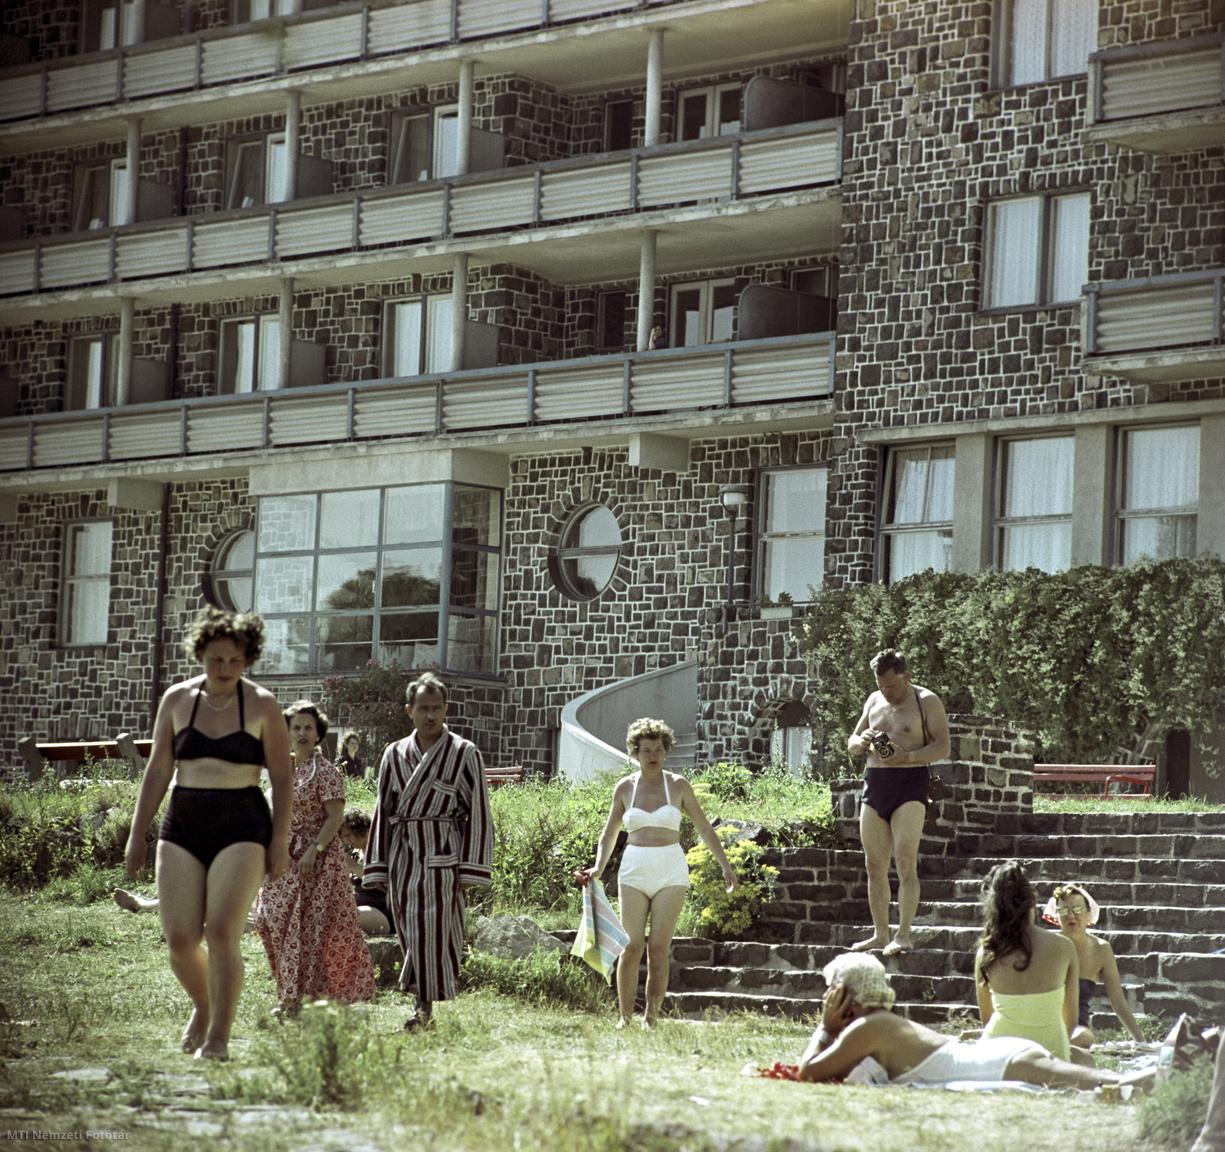 Galyatető, 1961. július 13.  Pihenő, üdülő, napozó emberek a Szakszervezetek Országos Tanácsa (SZOT) üdülőjének, az 1939-ben épült egykori Galyatetői Nagyszálló parkjában